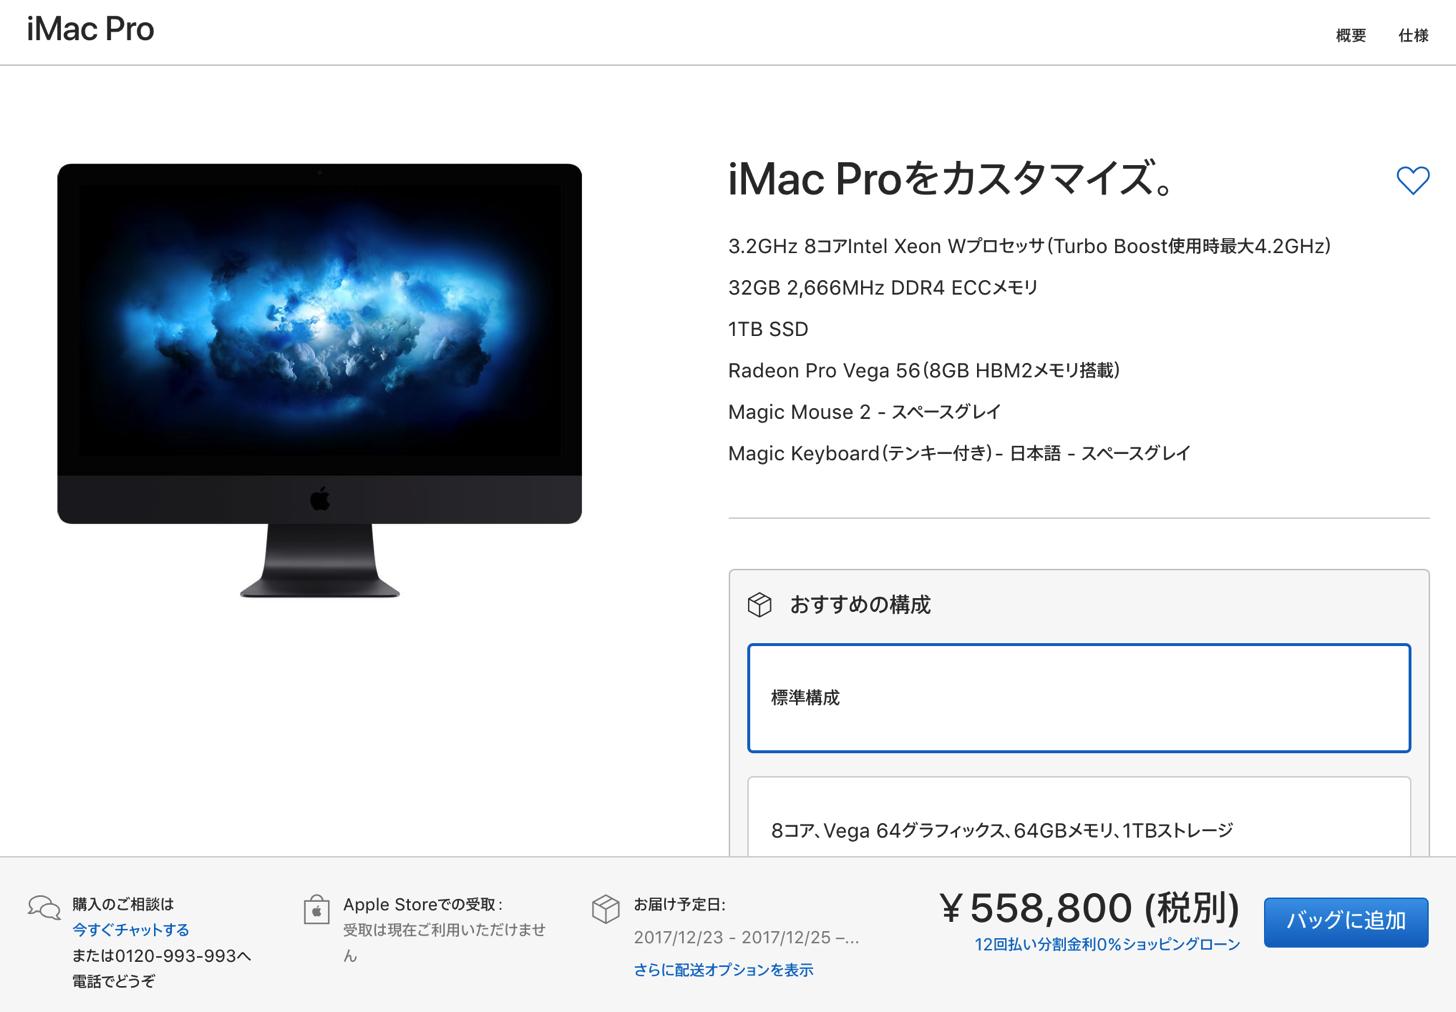 iMac Proの価格